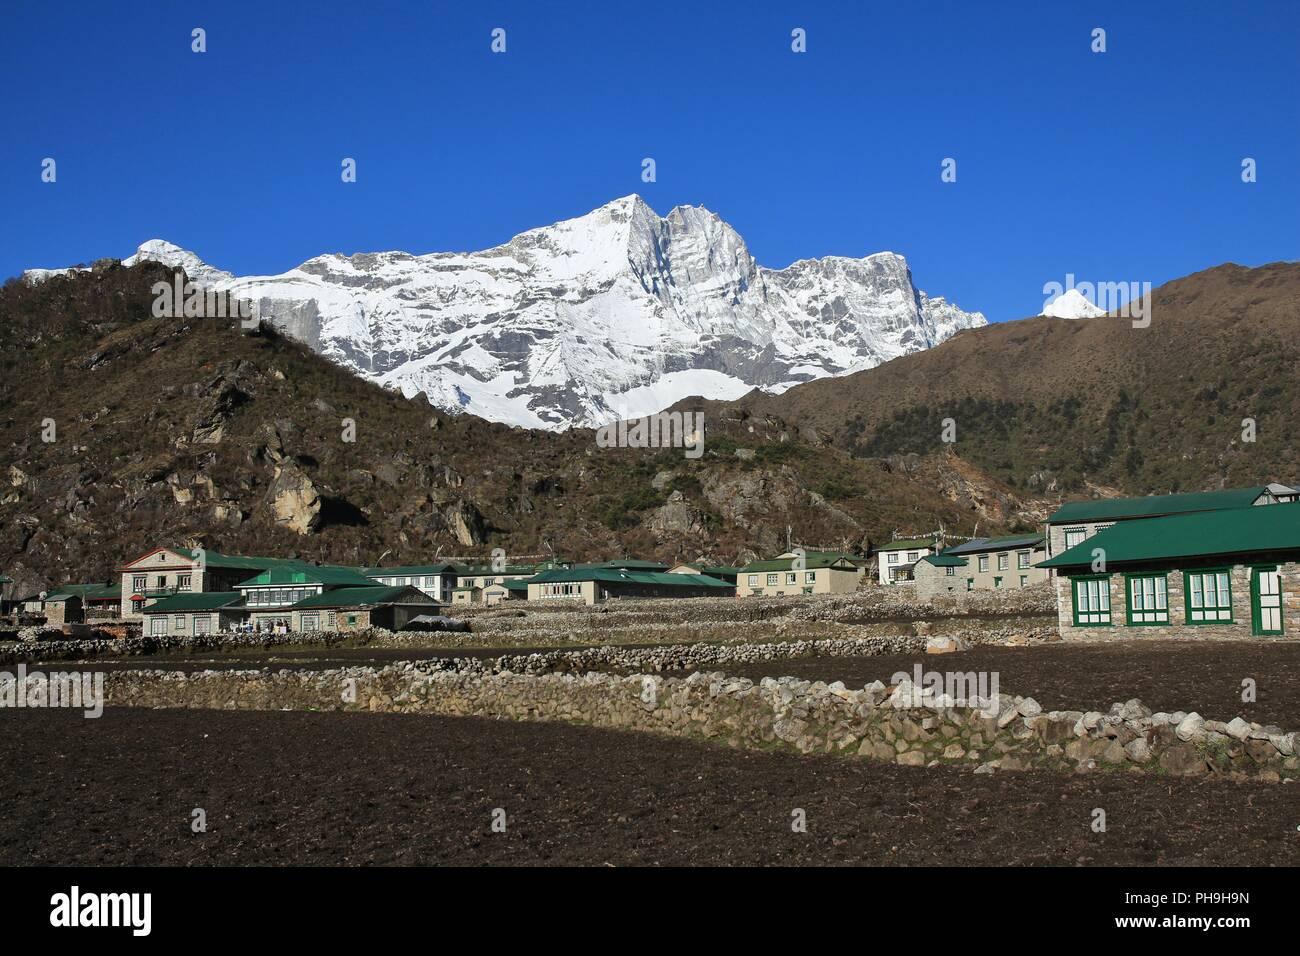 Sherpa village Khumjung, Everest National Park - Stock Image